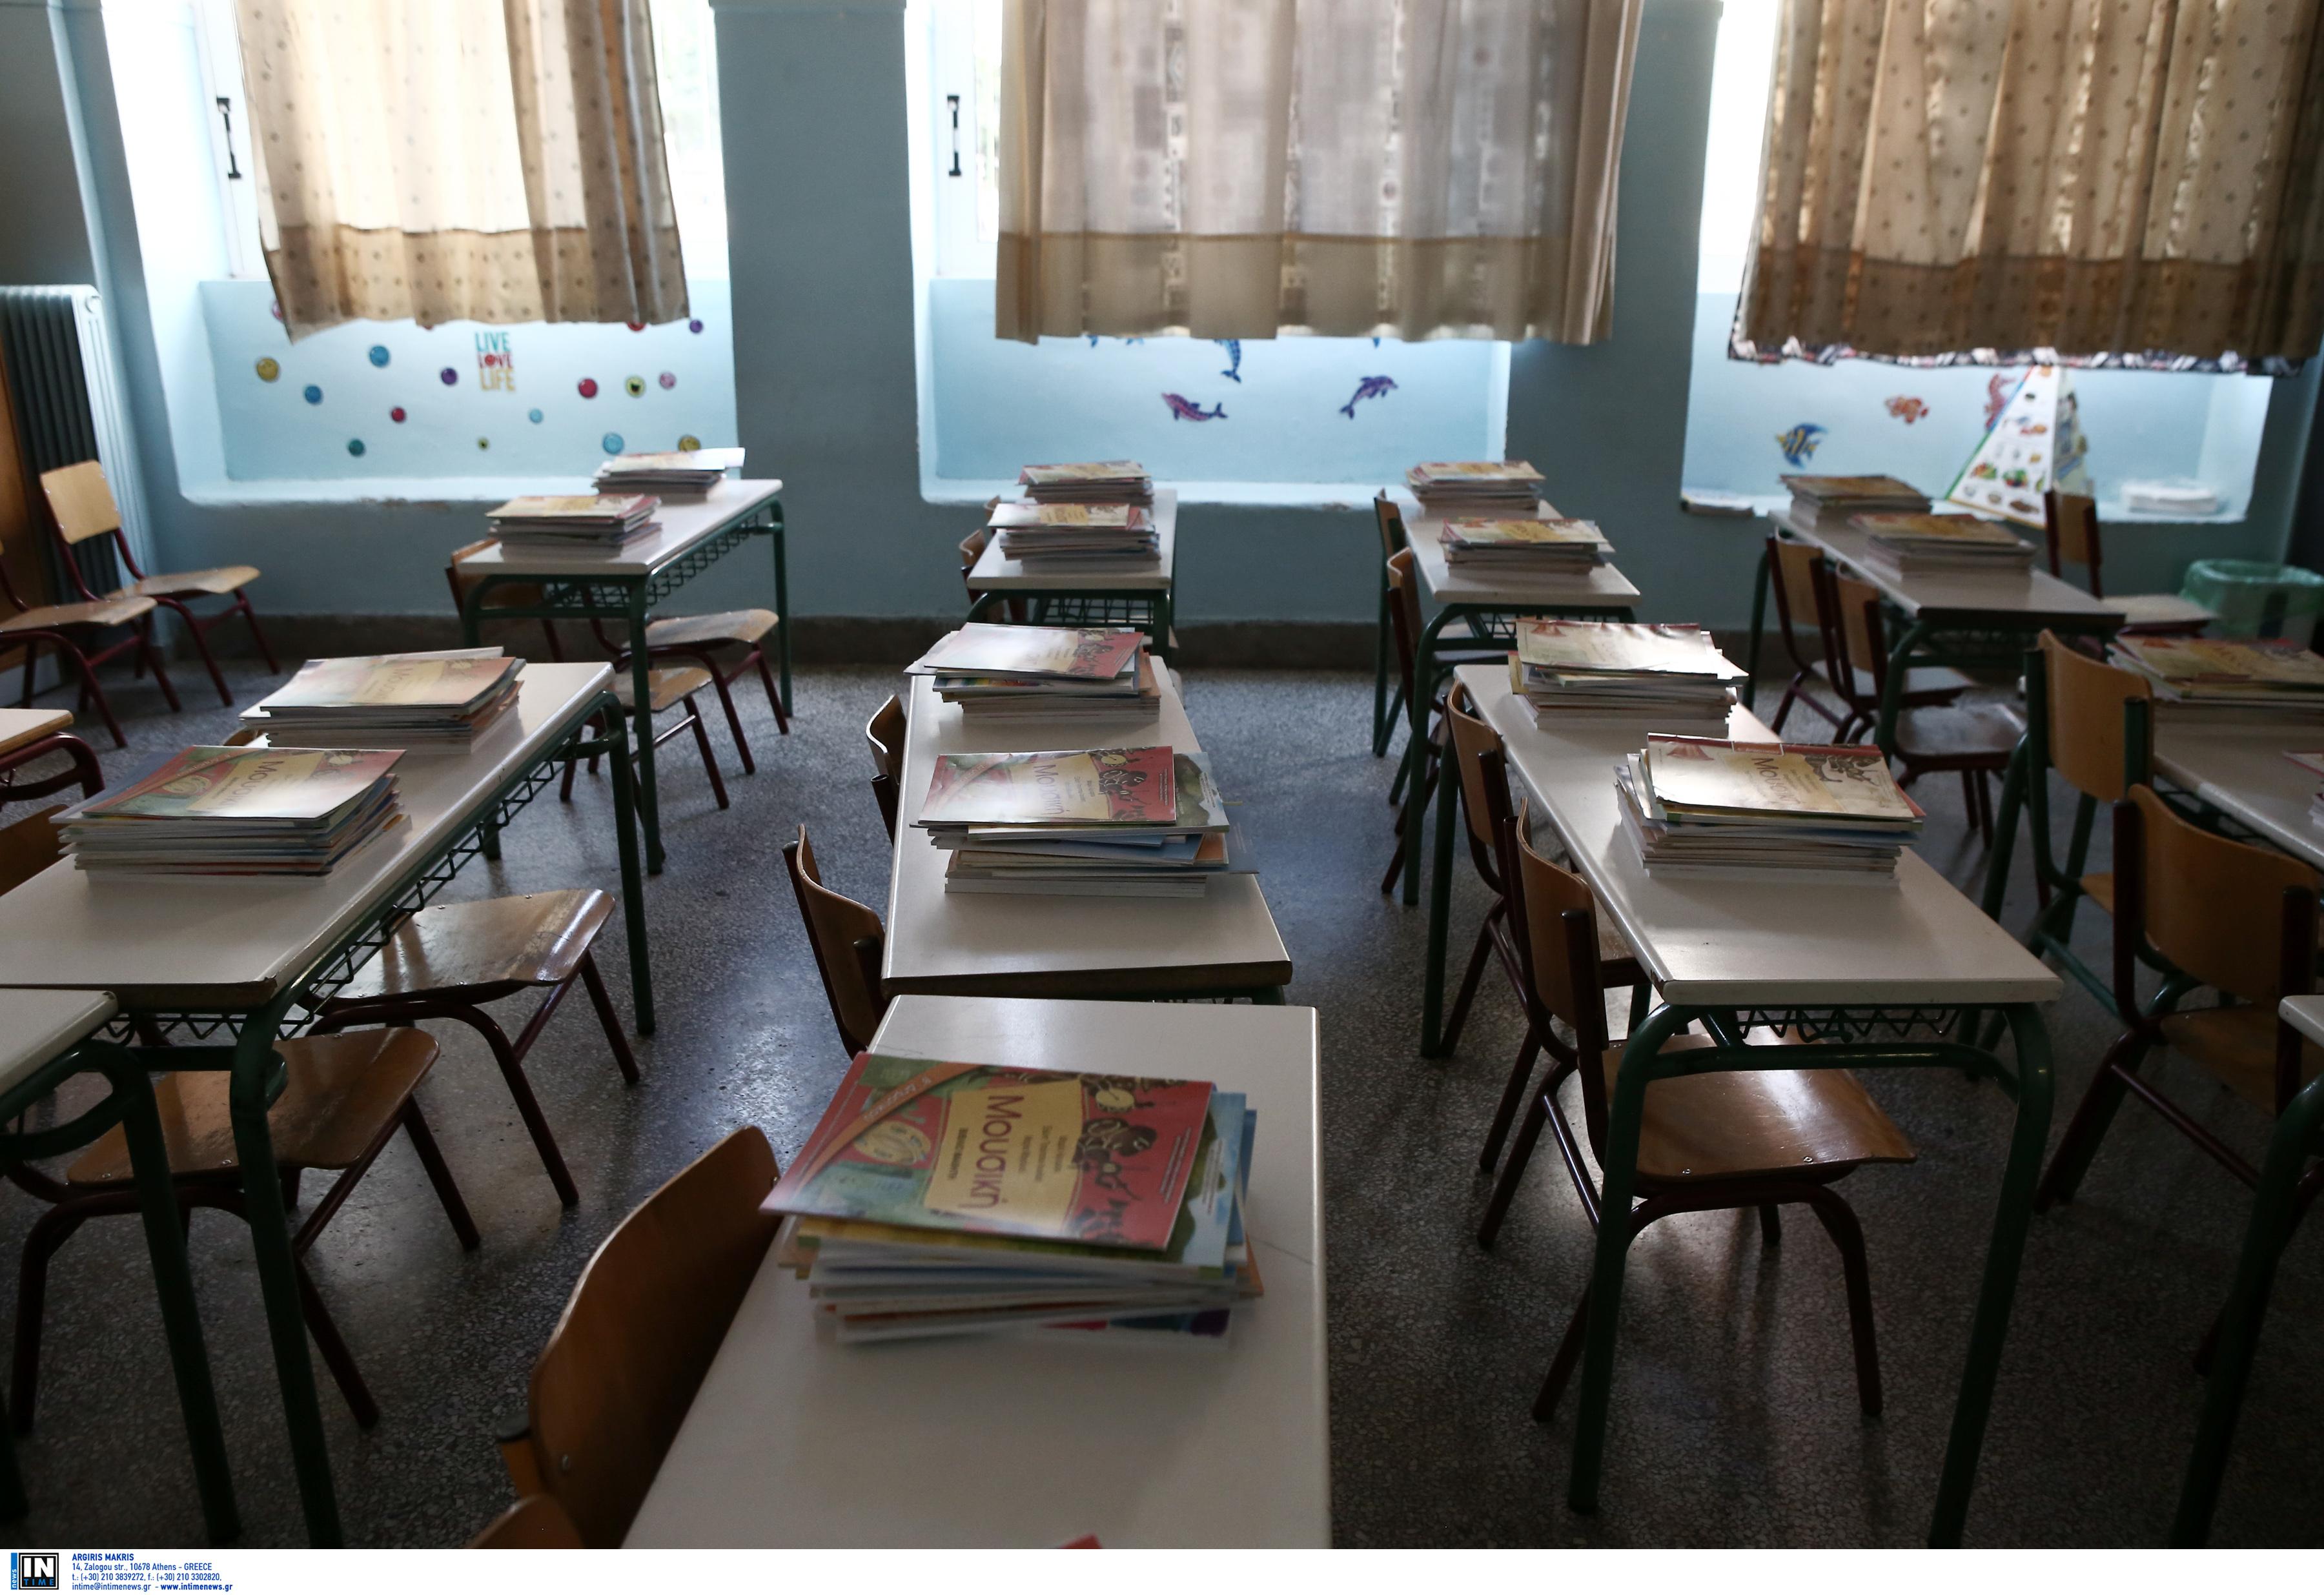 Ηράκλειο: Καταγγελία για επίθεση σε διευθυντή σχολείου από γονείς μαθητή!